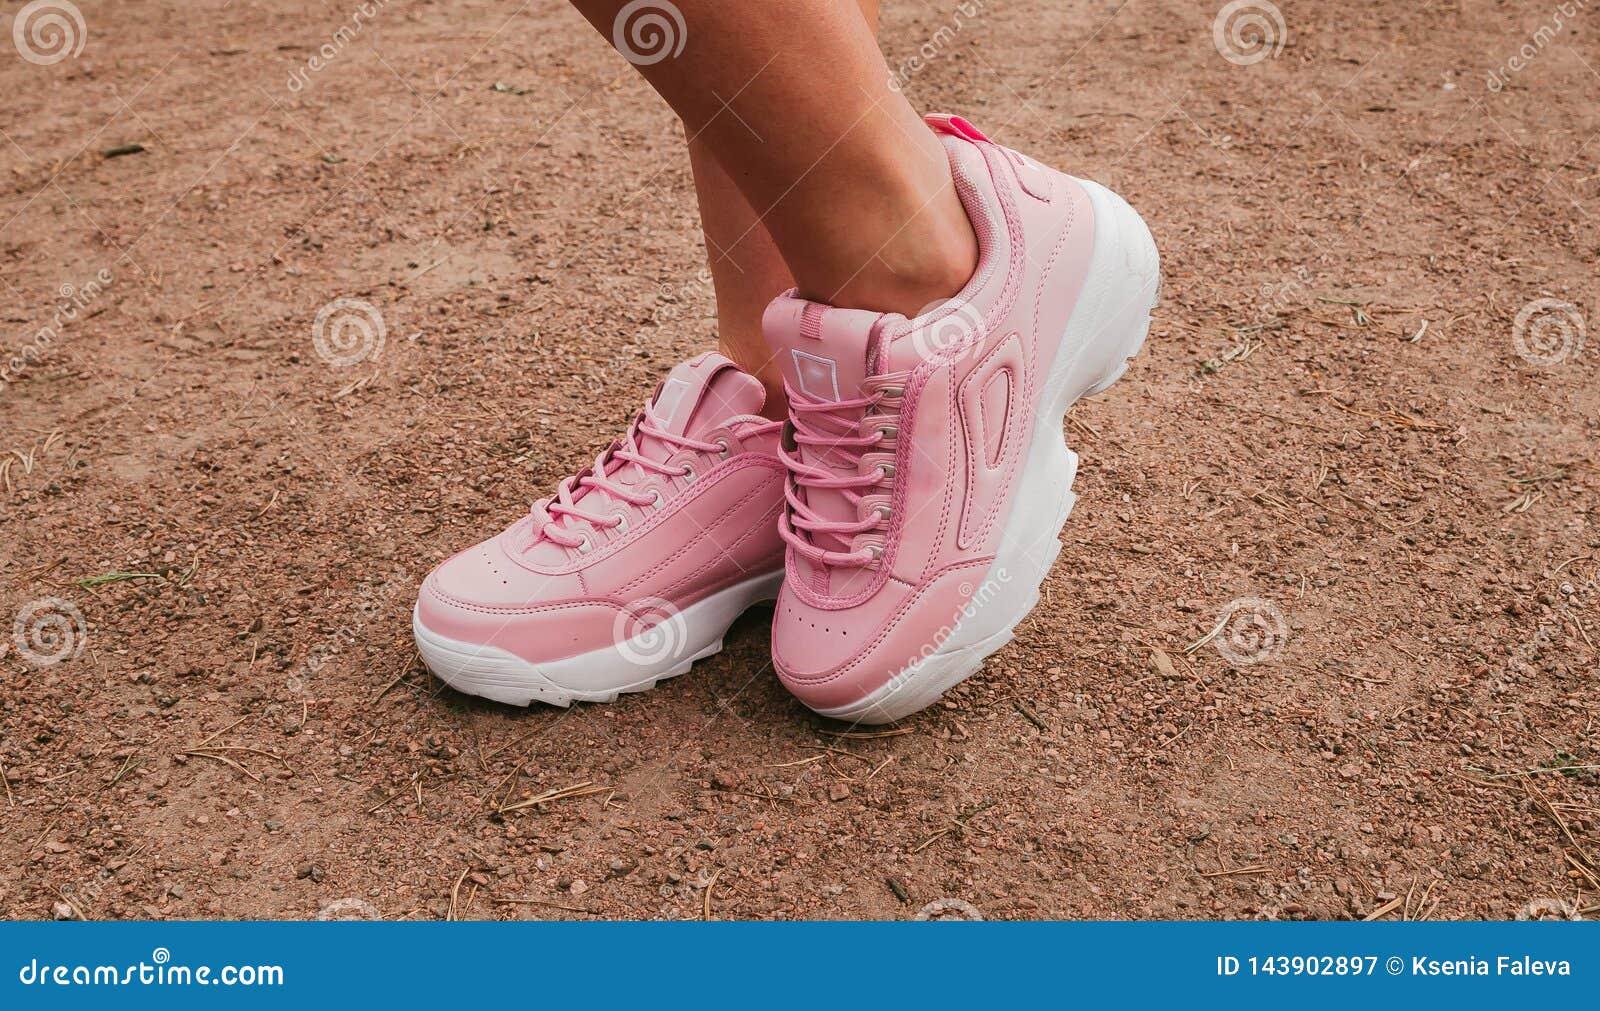 Le scarpe di cuoio delle donne alla moda alla moda di rosa le gambe delle donne con le scarpe da tennis